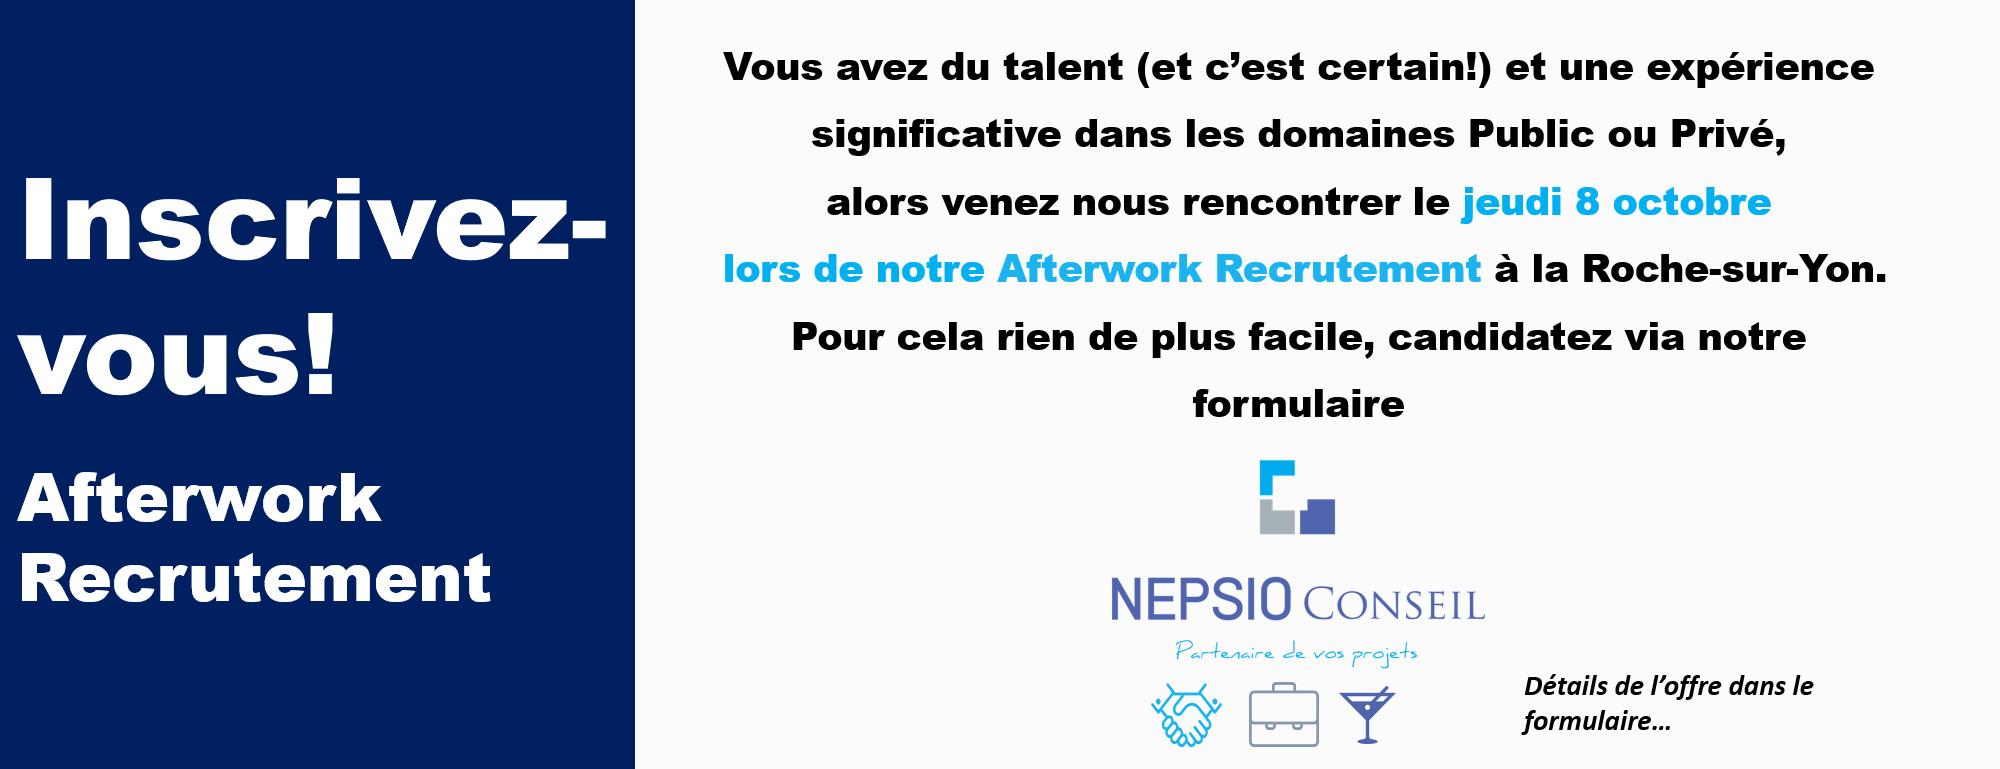 nepsio-conseil-partenaire-de-vos-projets-afterwork-recrutement-1